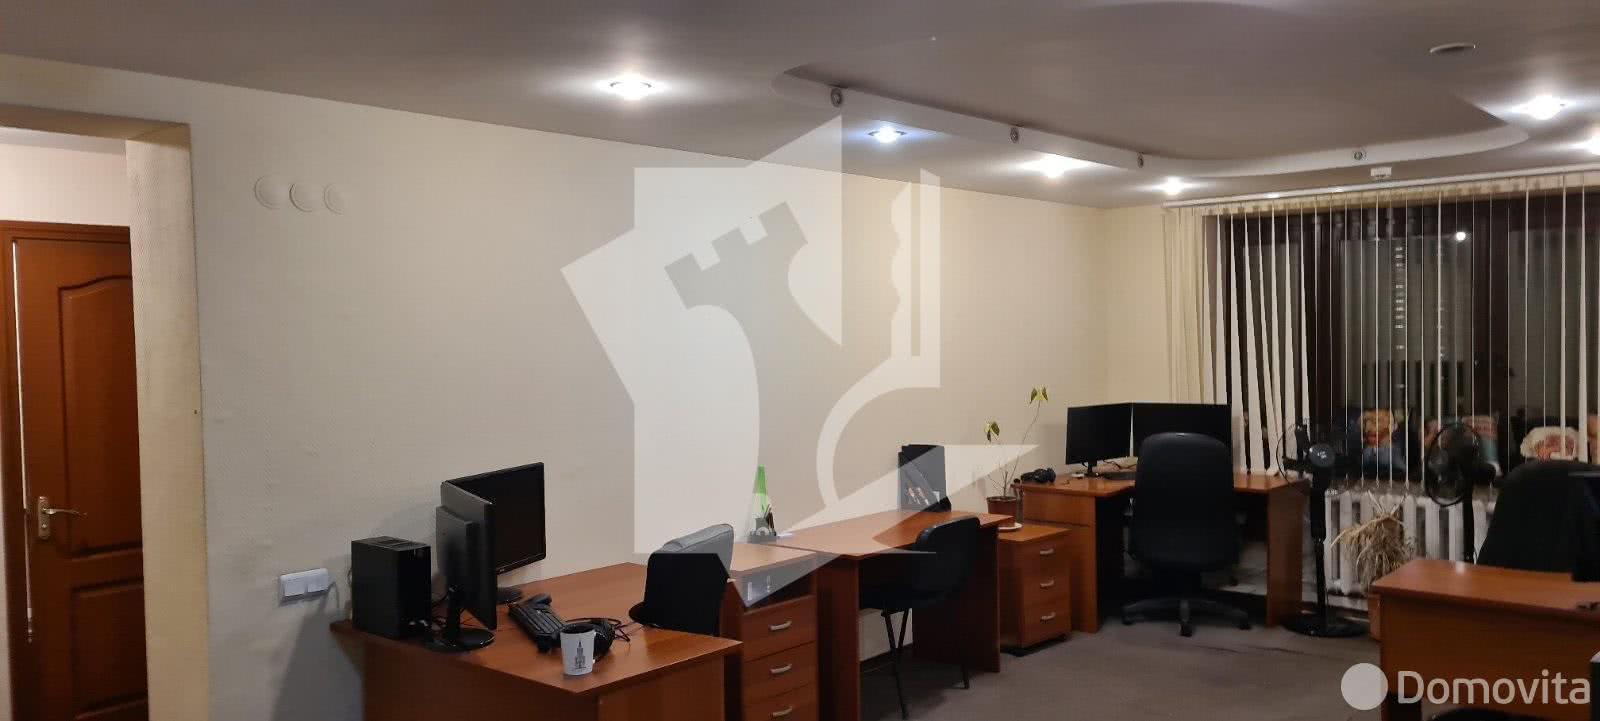 Аренда офиса на ул. Захарова, д. 50В в Минске - фото 2